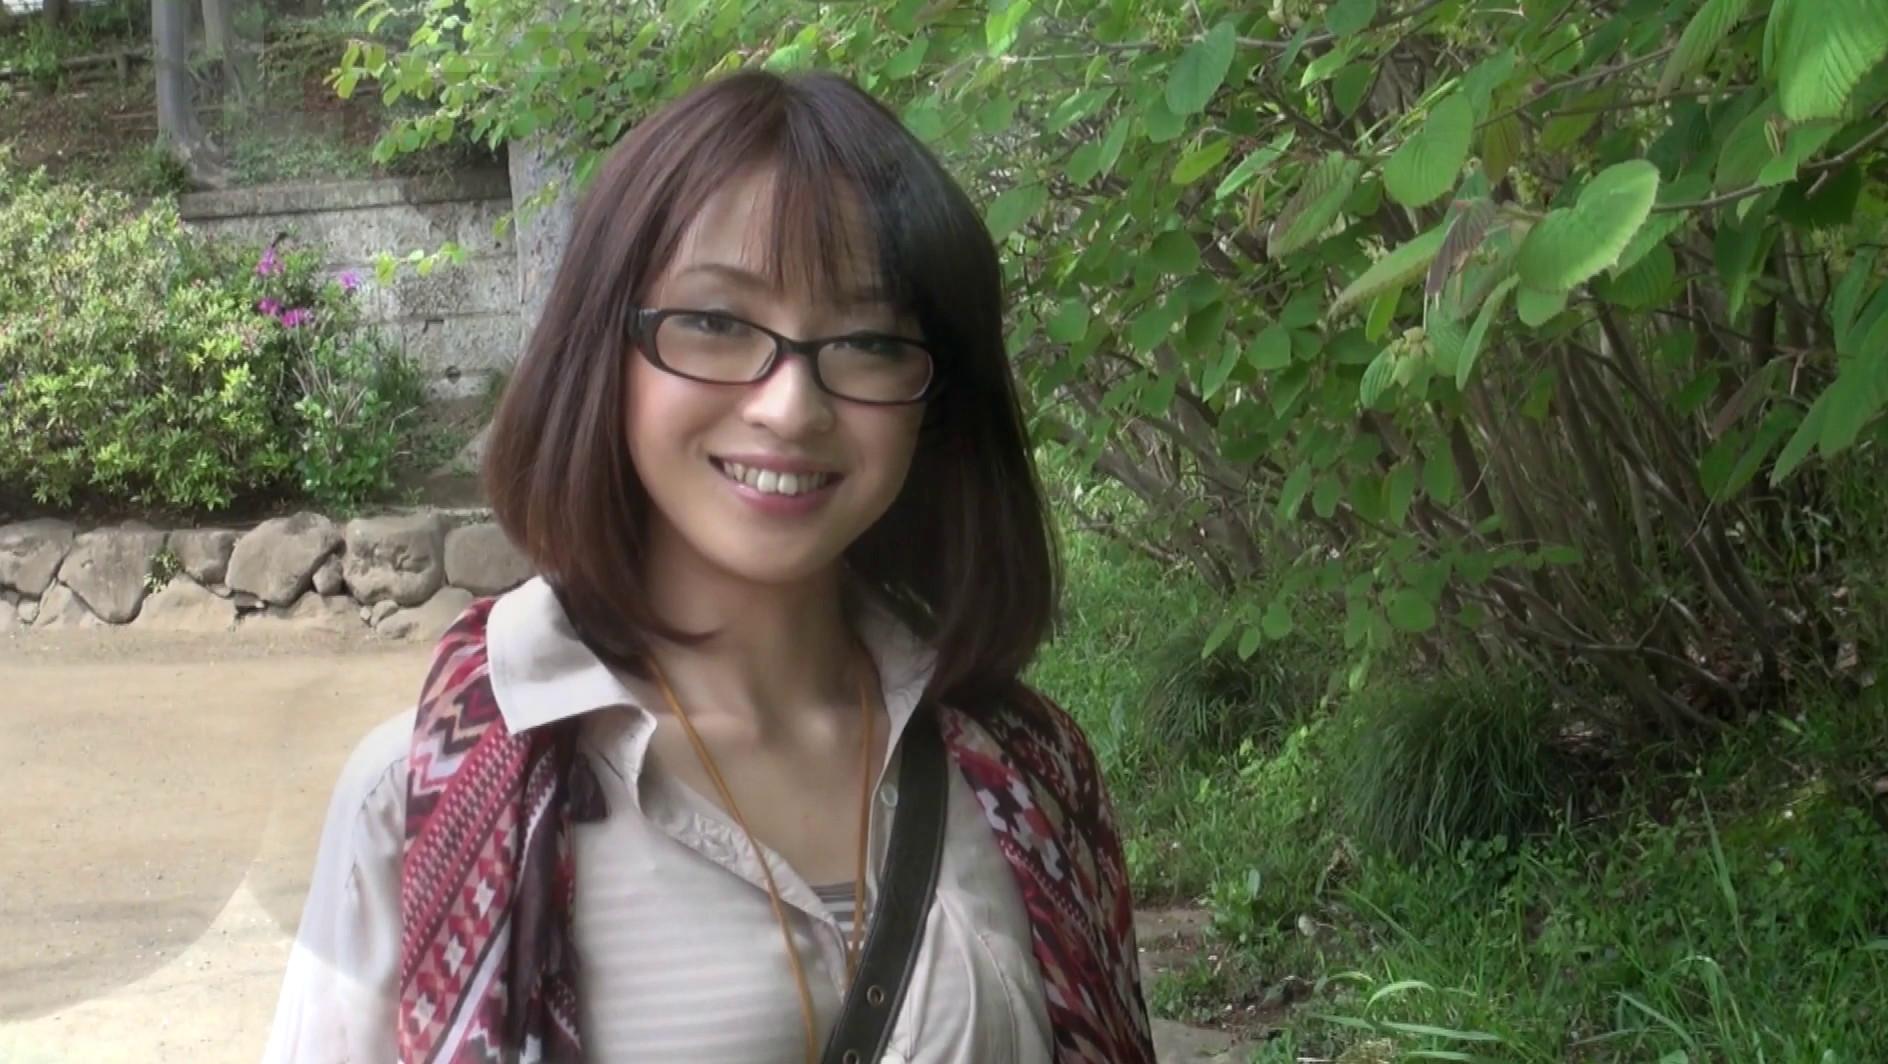 tokyo247 無料サンプル画像 この動画のサンプル画像はクリックで拡大できます。